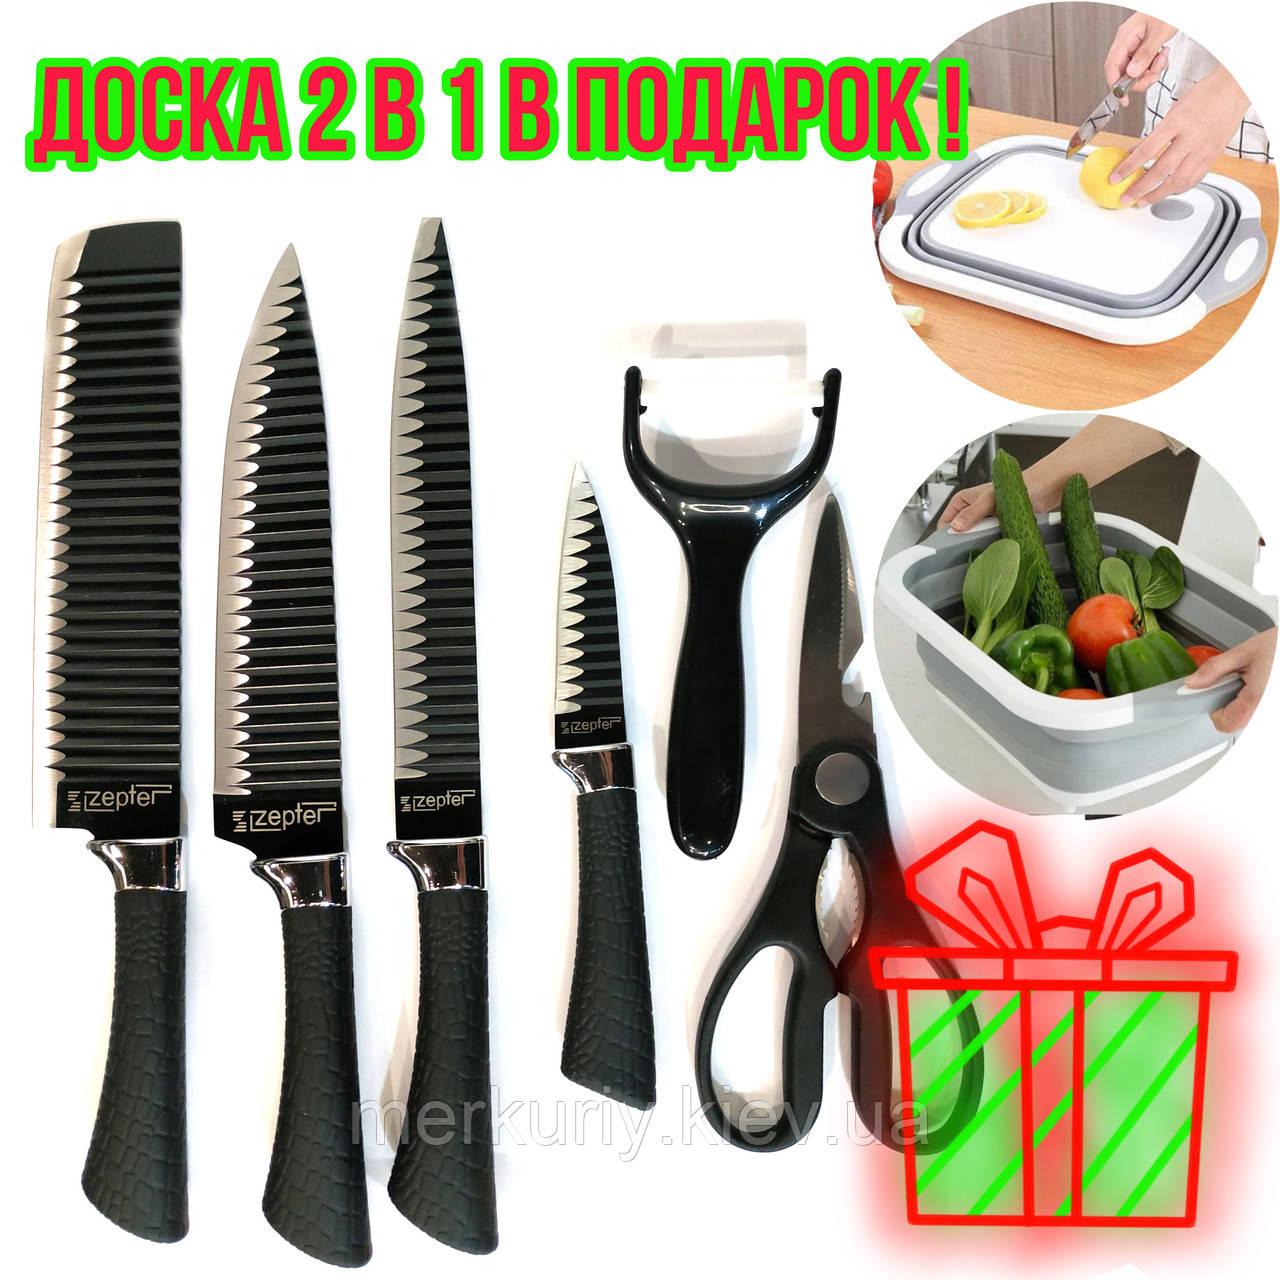 Zepter стильный набор кухонных рифленых ножей с антибактериальным покрытием 6 в 1